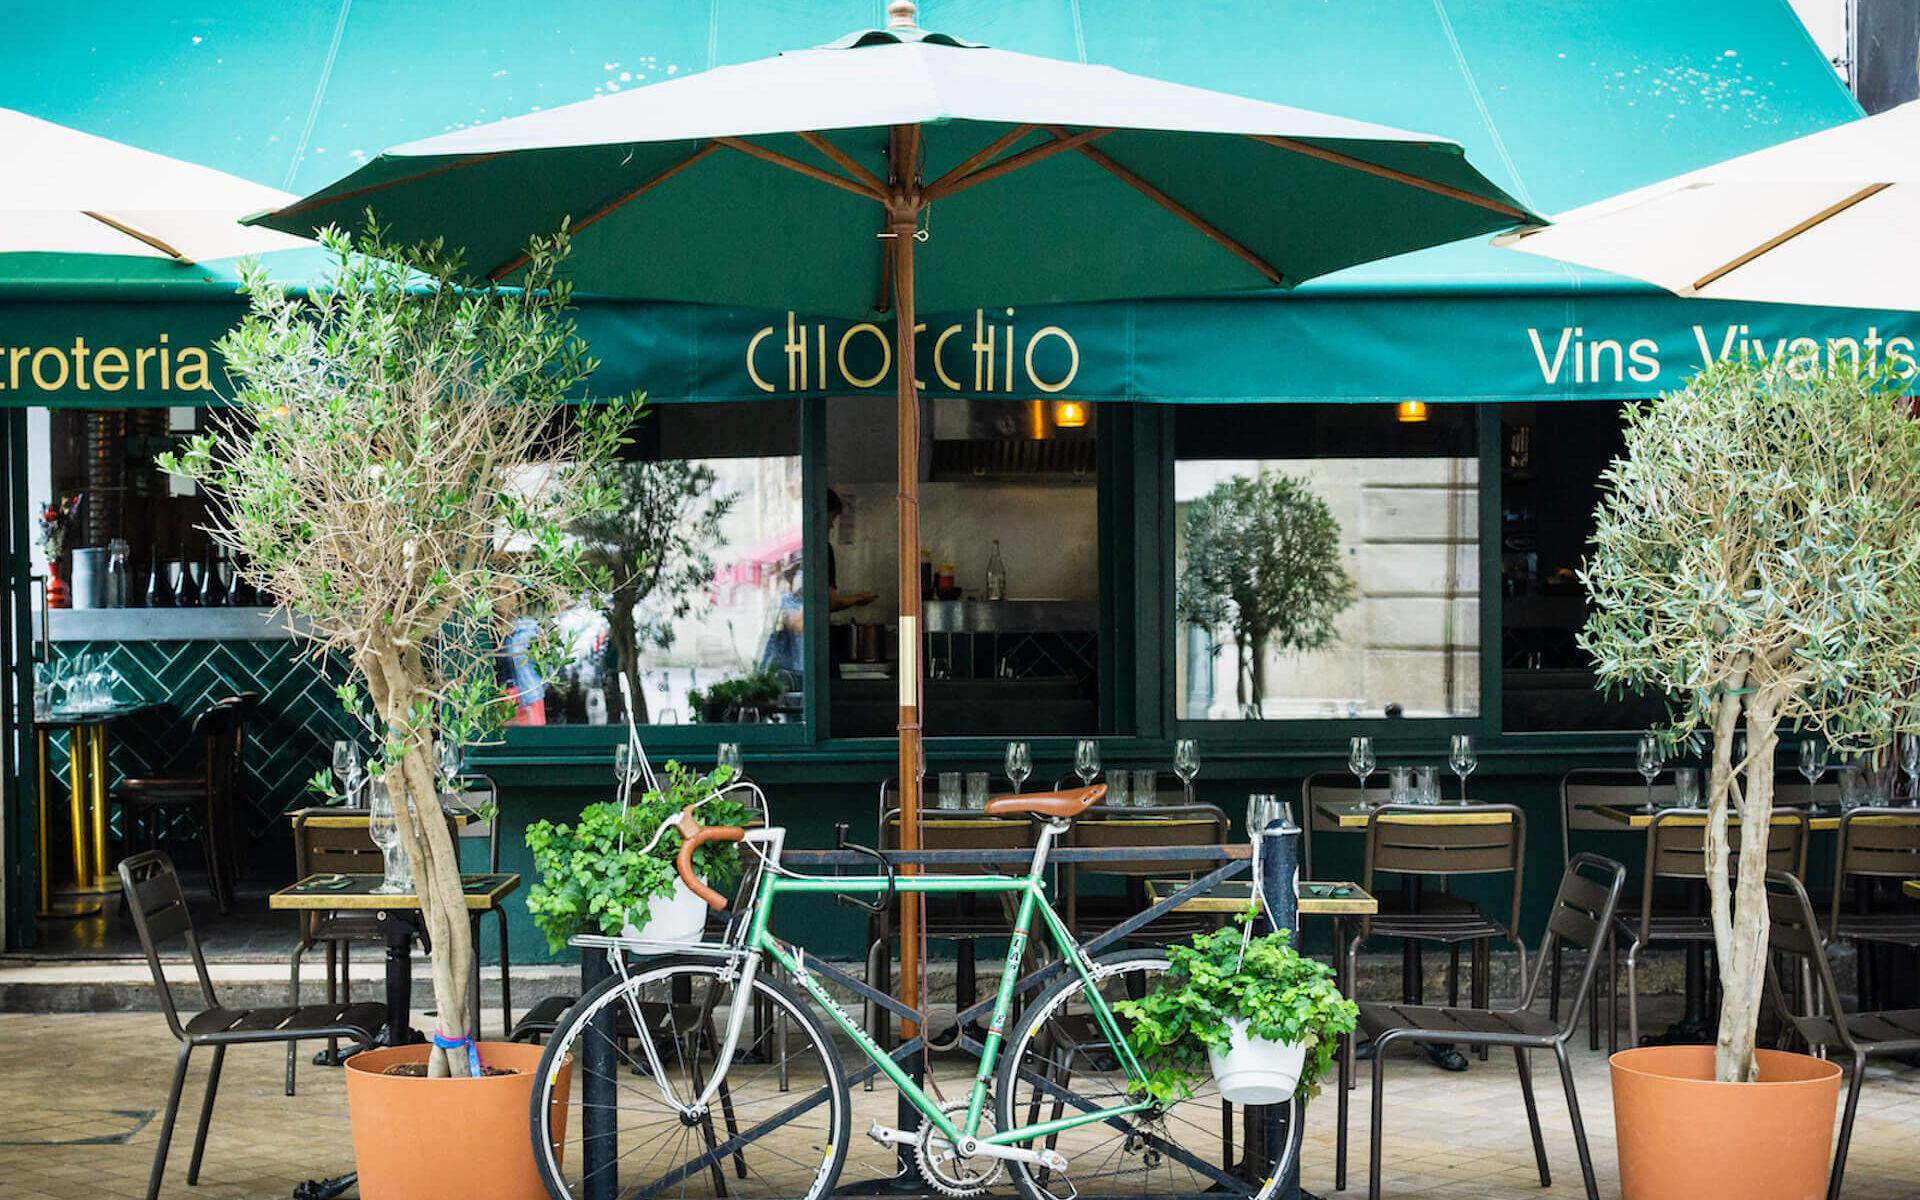 restaurant-Chiocchio-Bordeaux